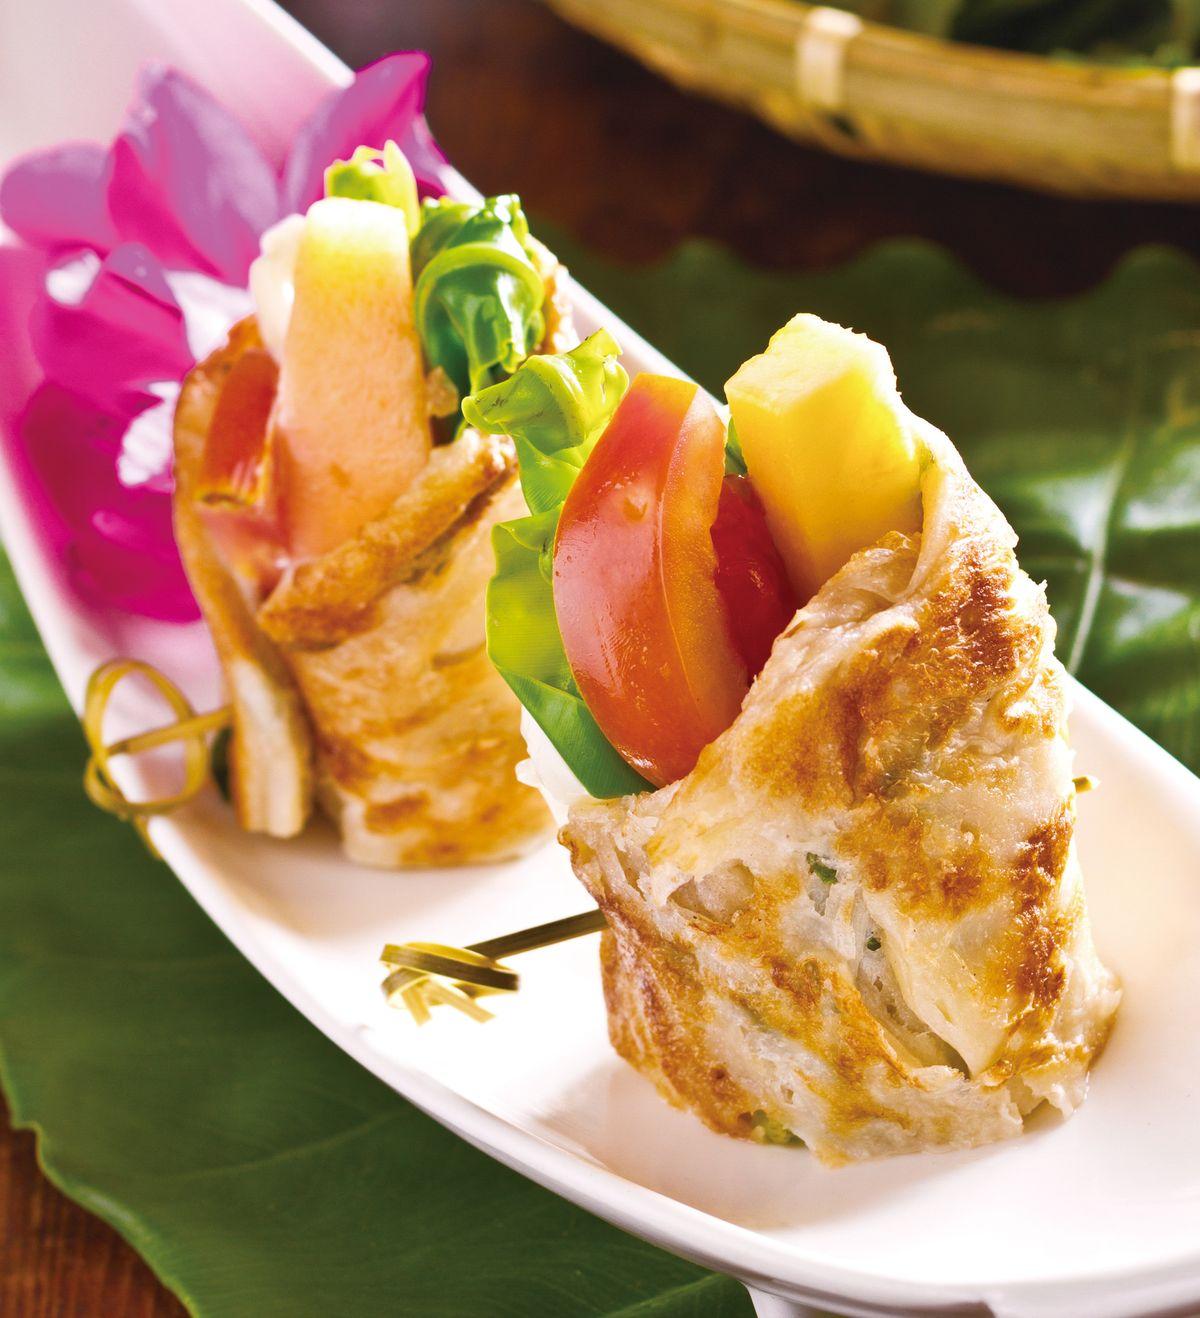 食譜:養生蔬果山蘇捲